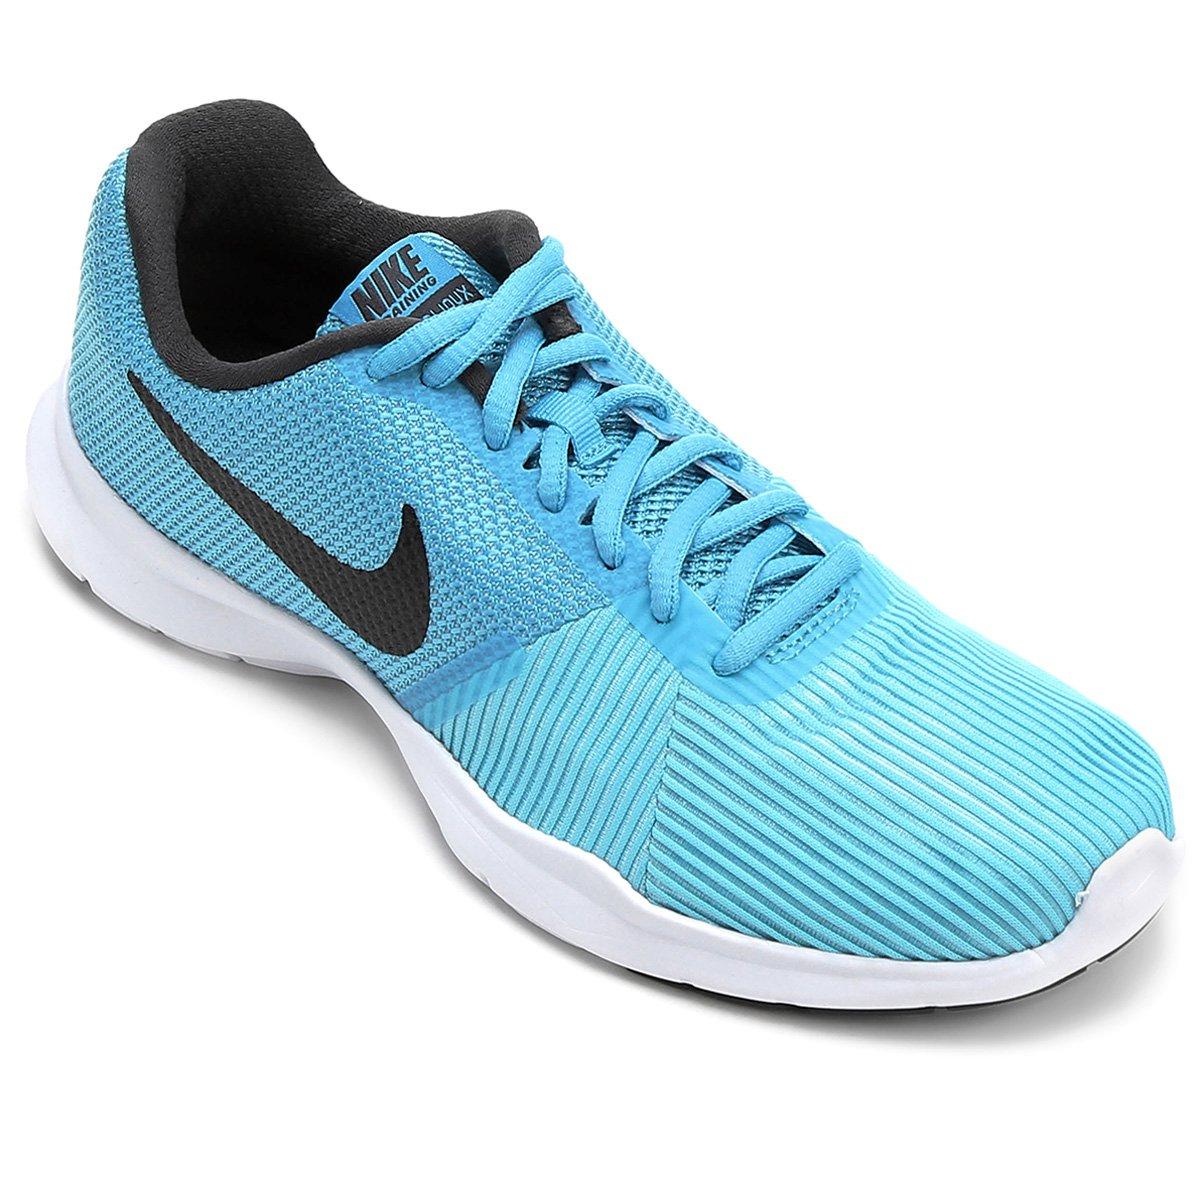 ... Tênis Nike Flex Bijoux Feminino - Azul e Preto - Compre Agora Netshoes  ab658e9a2299ee ... 979566b4d957e